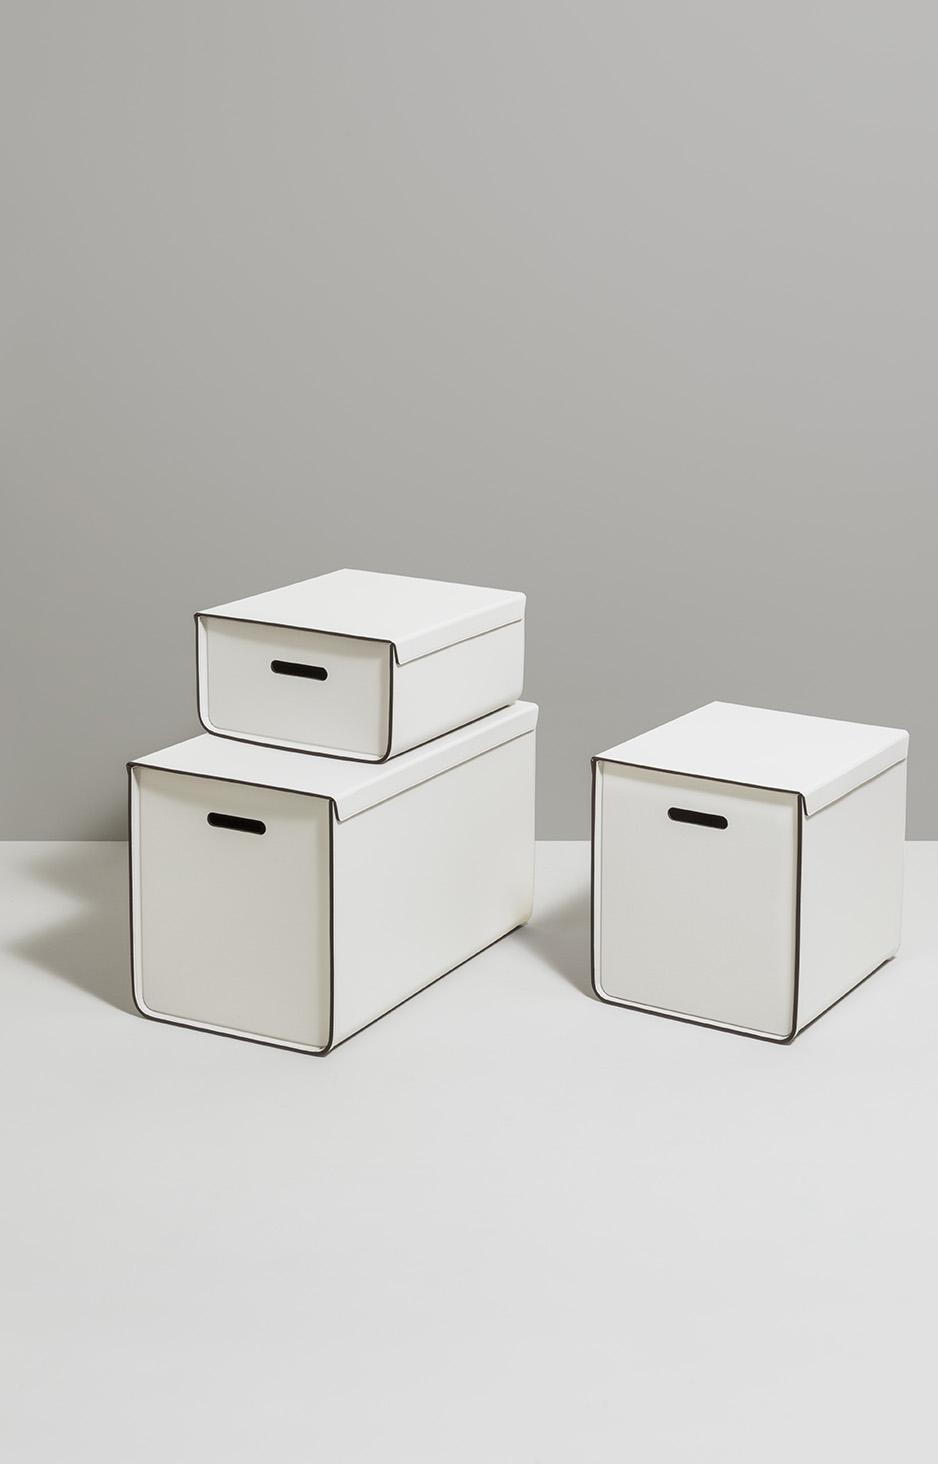 STORAGE PINETTI WHITE BOXES